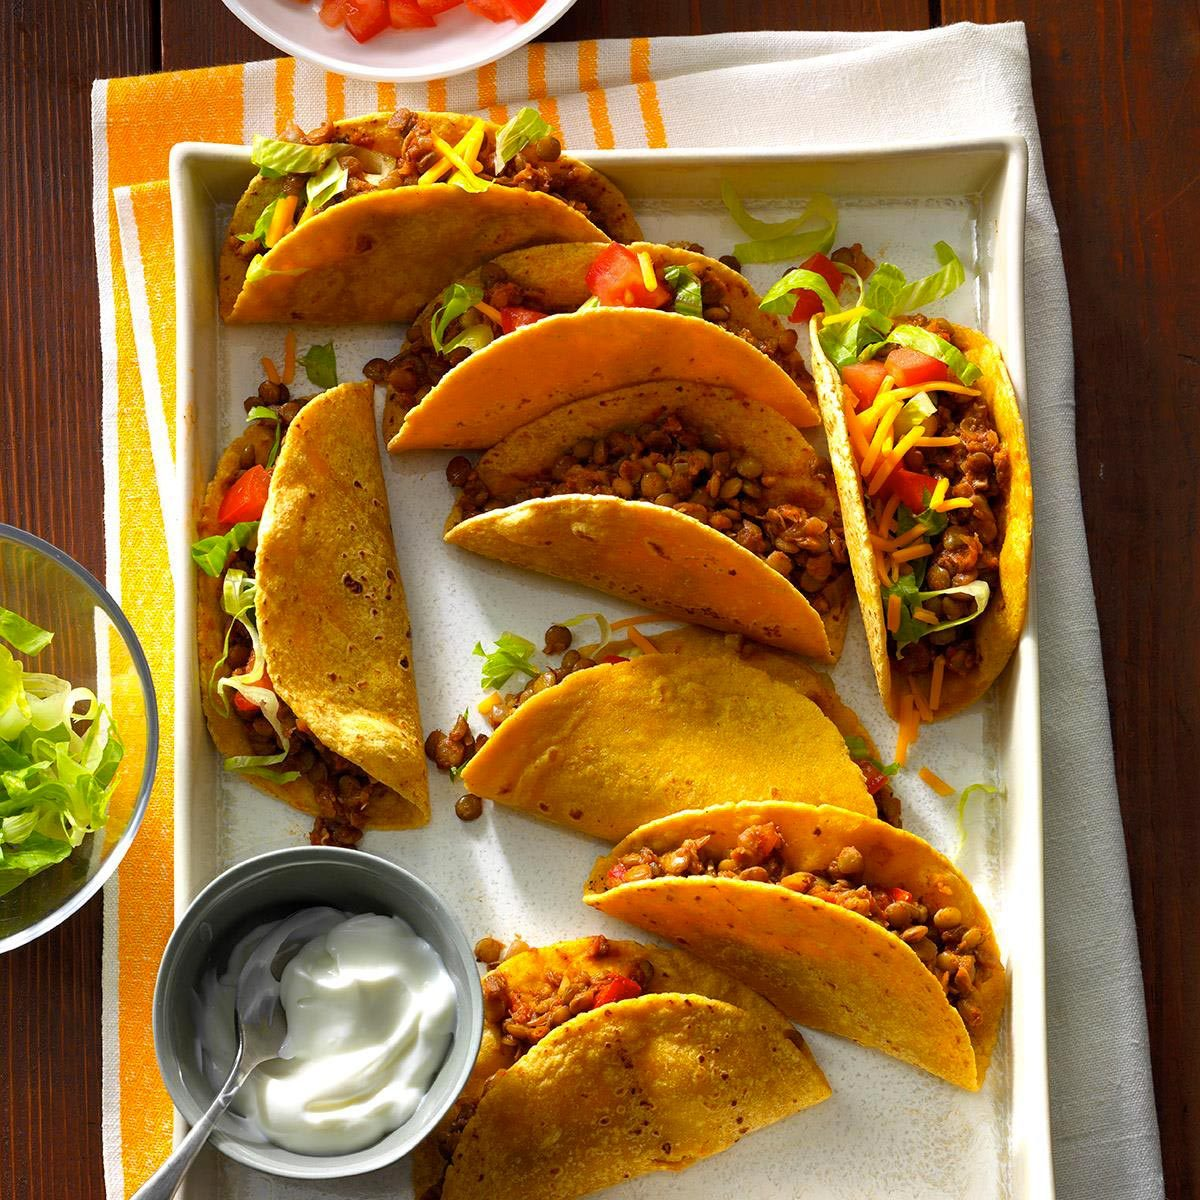 Recette végane : tacos aux lentilles